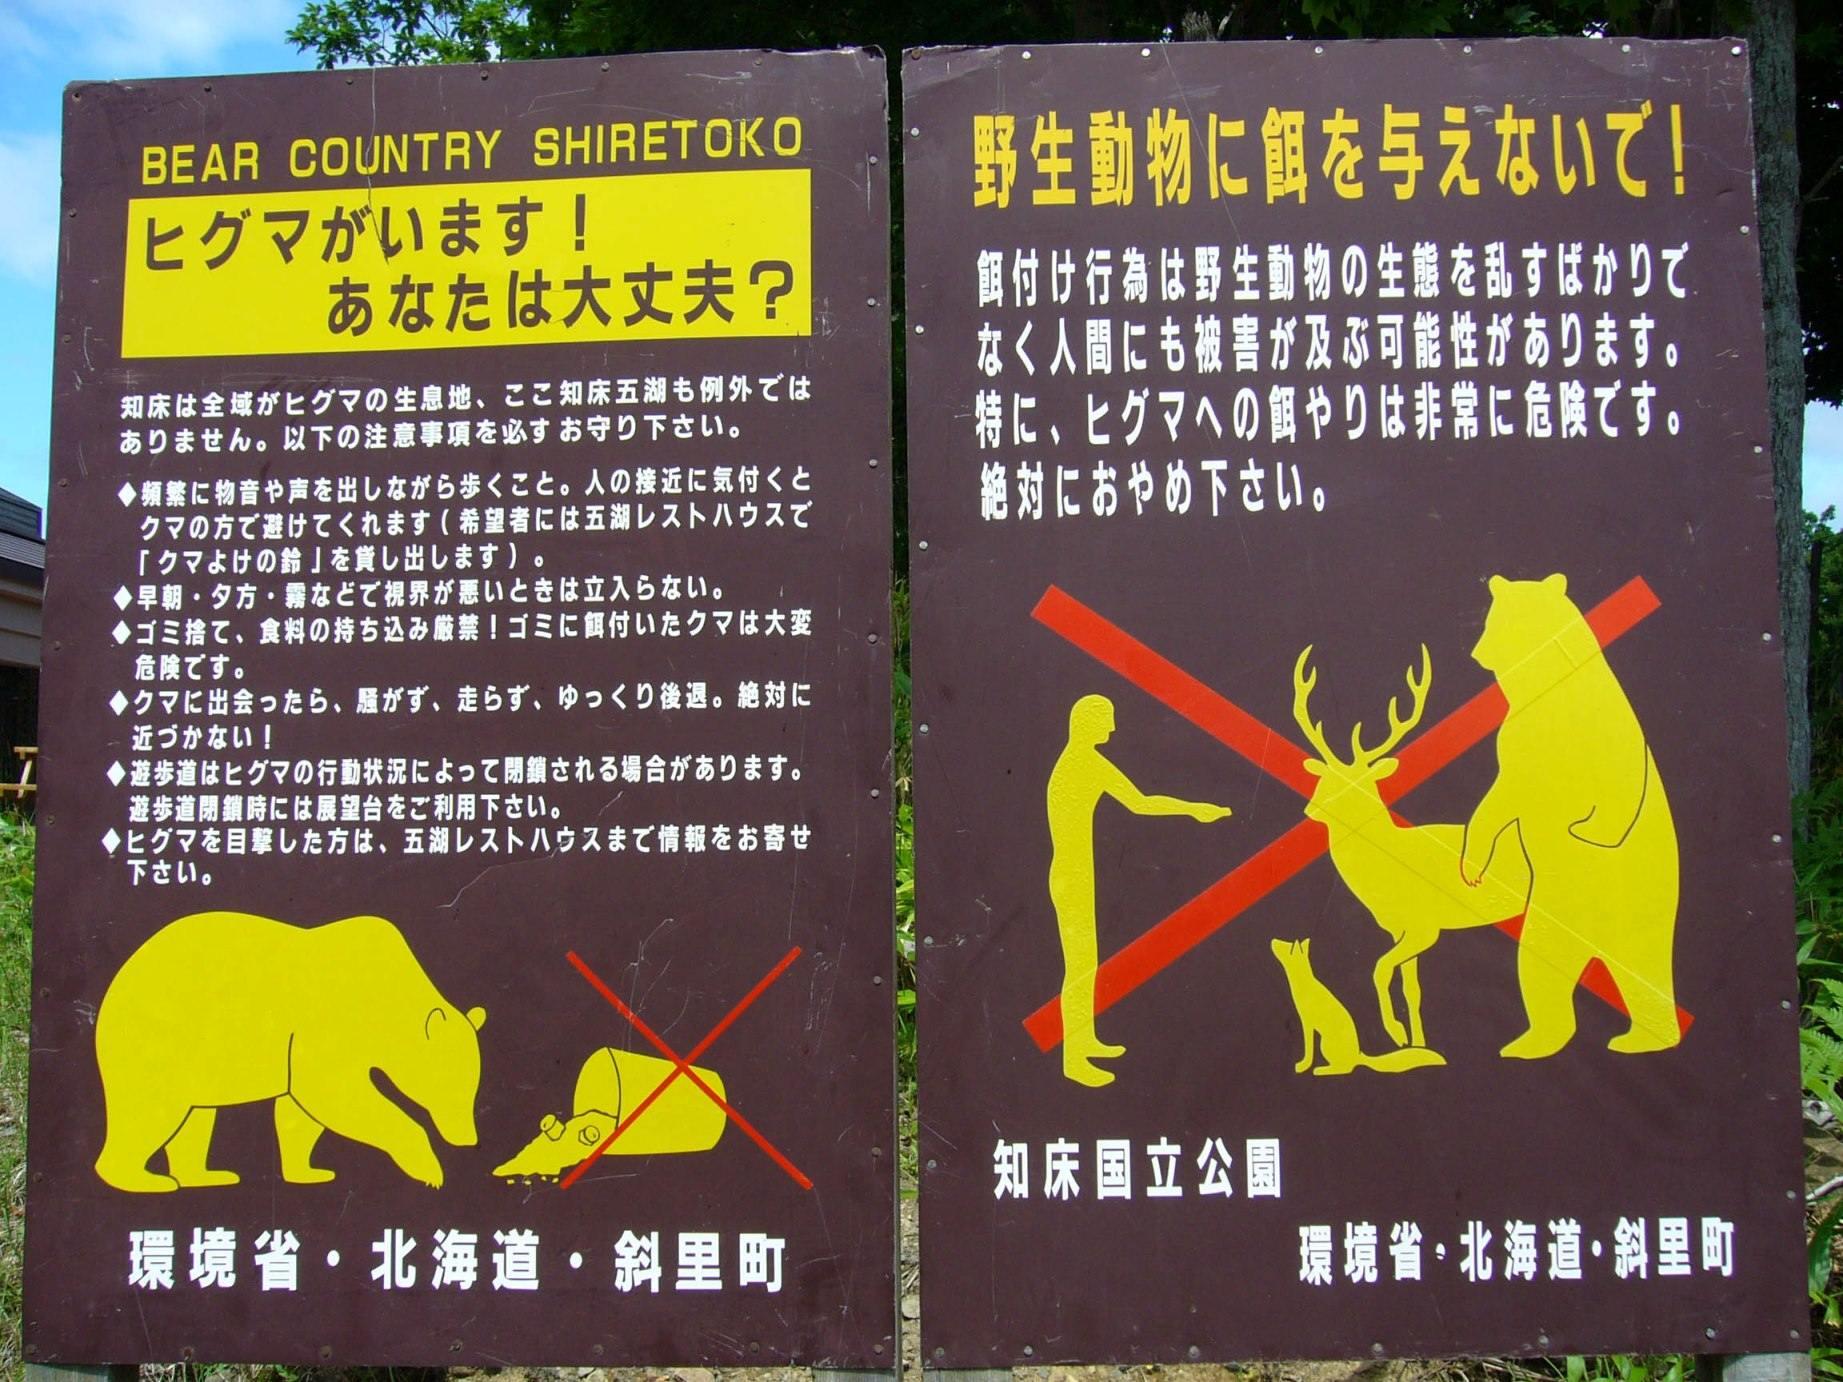 """1.Hokkaidón a sok medve miatt számos figyelmeztető táblával találkozhatunk. Amennyiben valaki nem tudná elolvasni a szöveget, íme a szó szerinti fordítás:  """"Tilos az etetőanyag használata, valamint kerüljük az állatos erdei gyűléseket."""""""